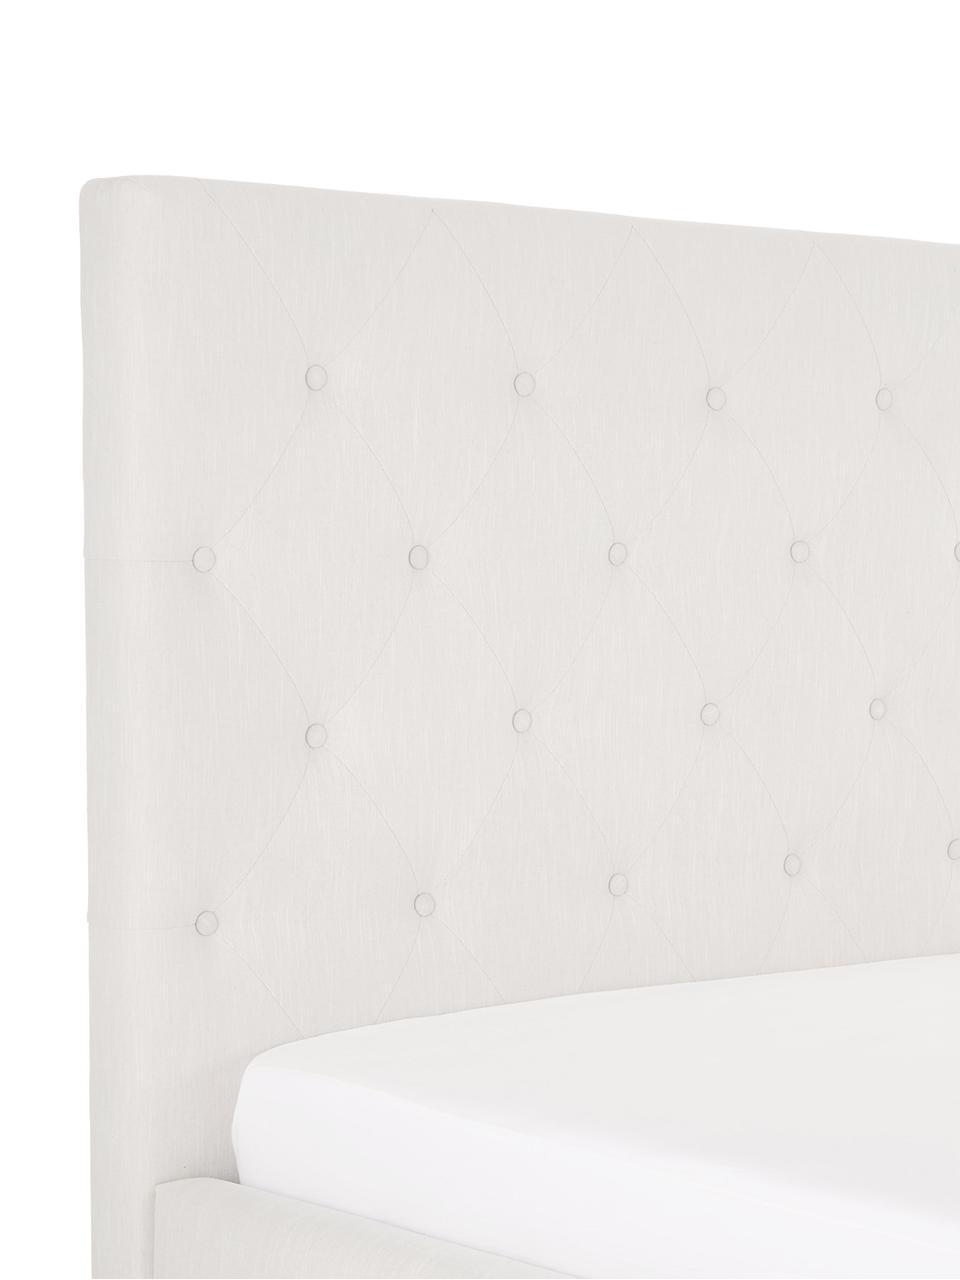 Gestoffeerd bed Serene, Frame: massief grenenhout, Poten: massief eikenhout, Bekleding: polyester (structuurstof), Beige, 180 x 200 cm